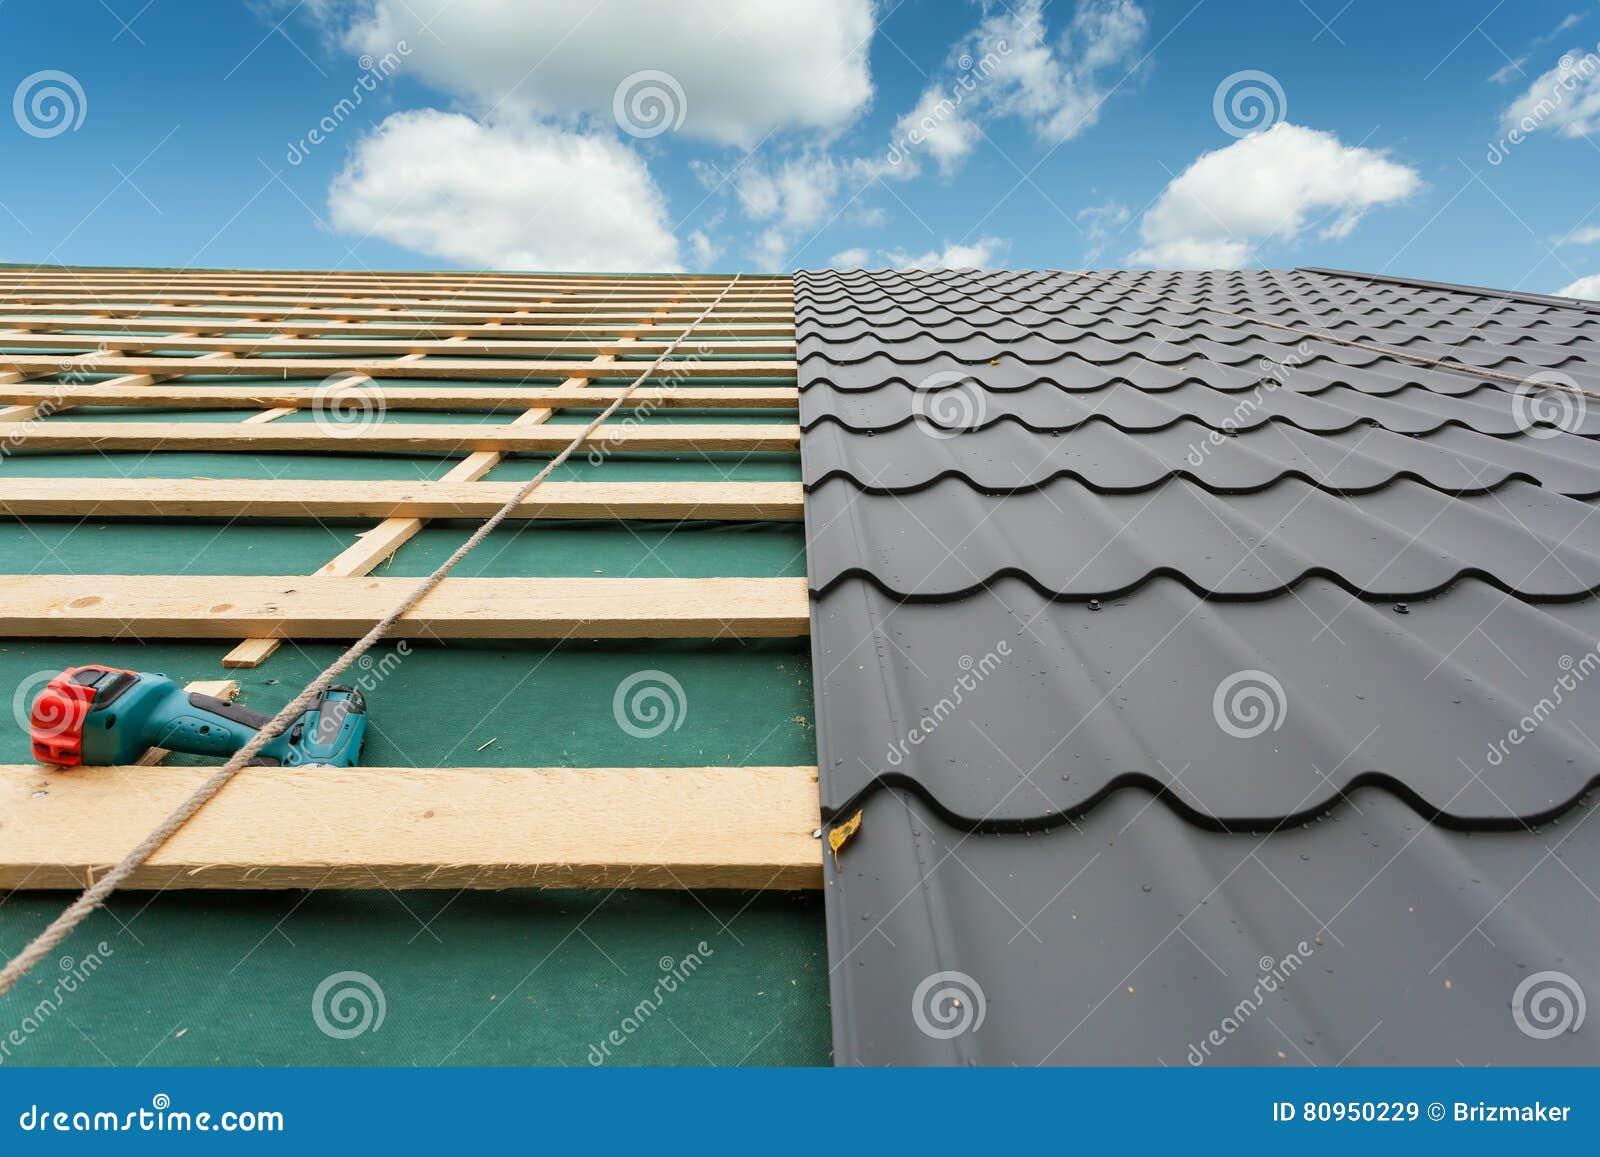 下建筑房子 有金属瓦片、螺丝刀和屋顶铁的屋顶